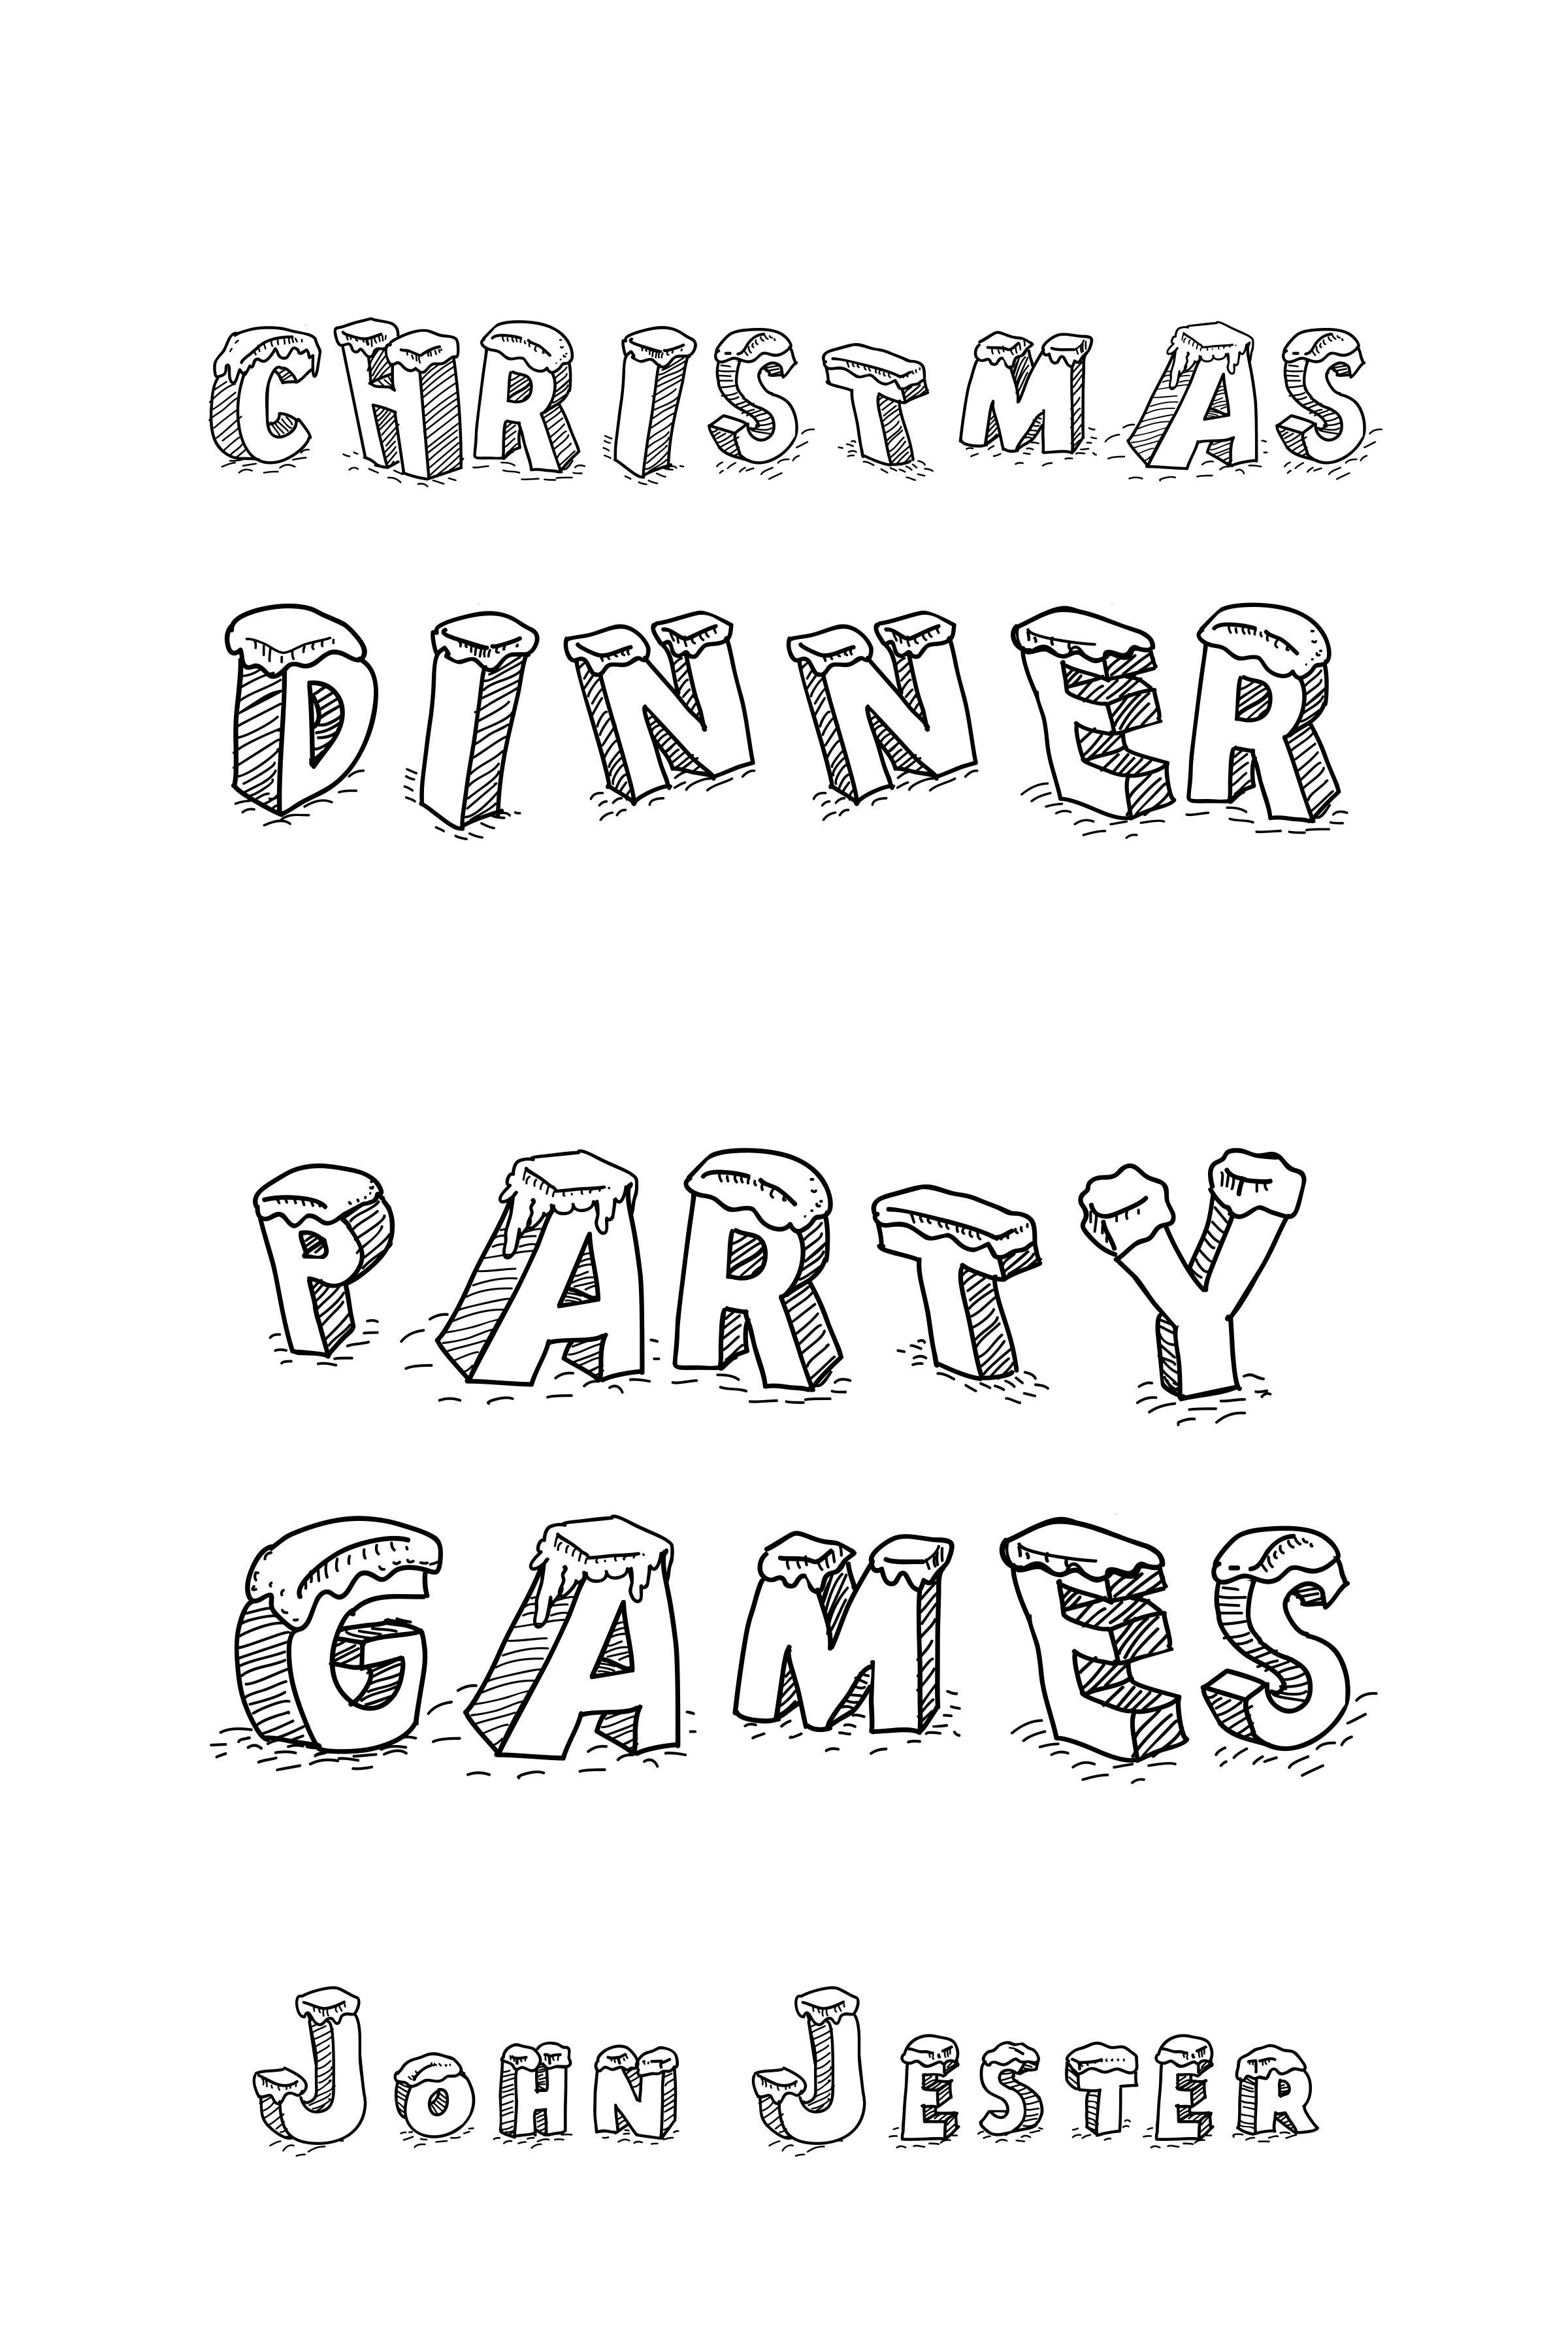 Christmas Dinner Party Games John Jester